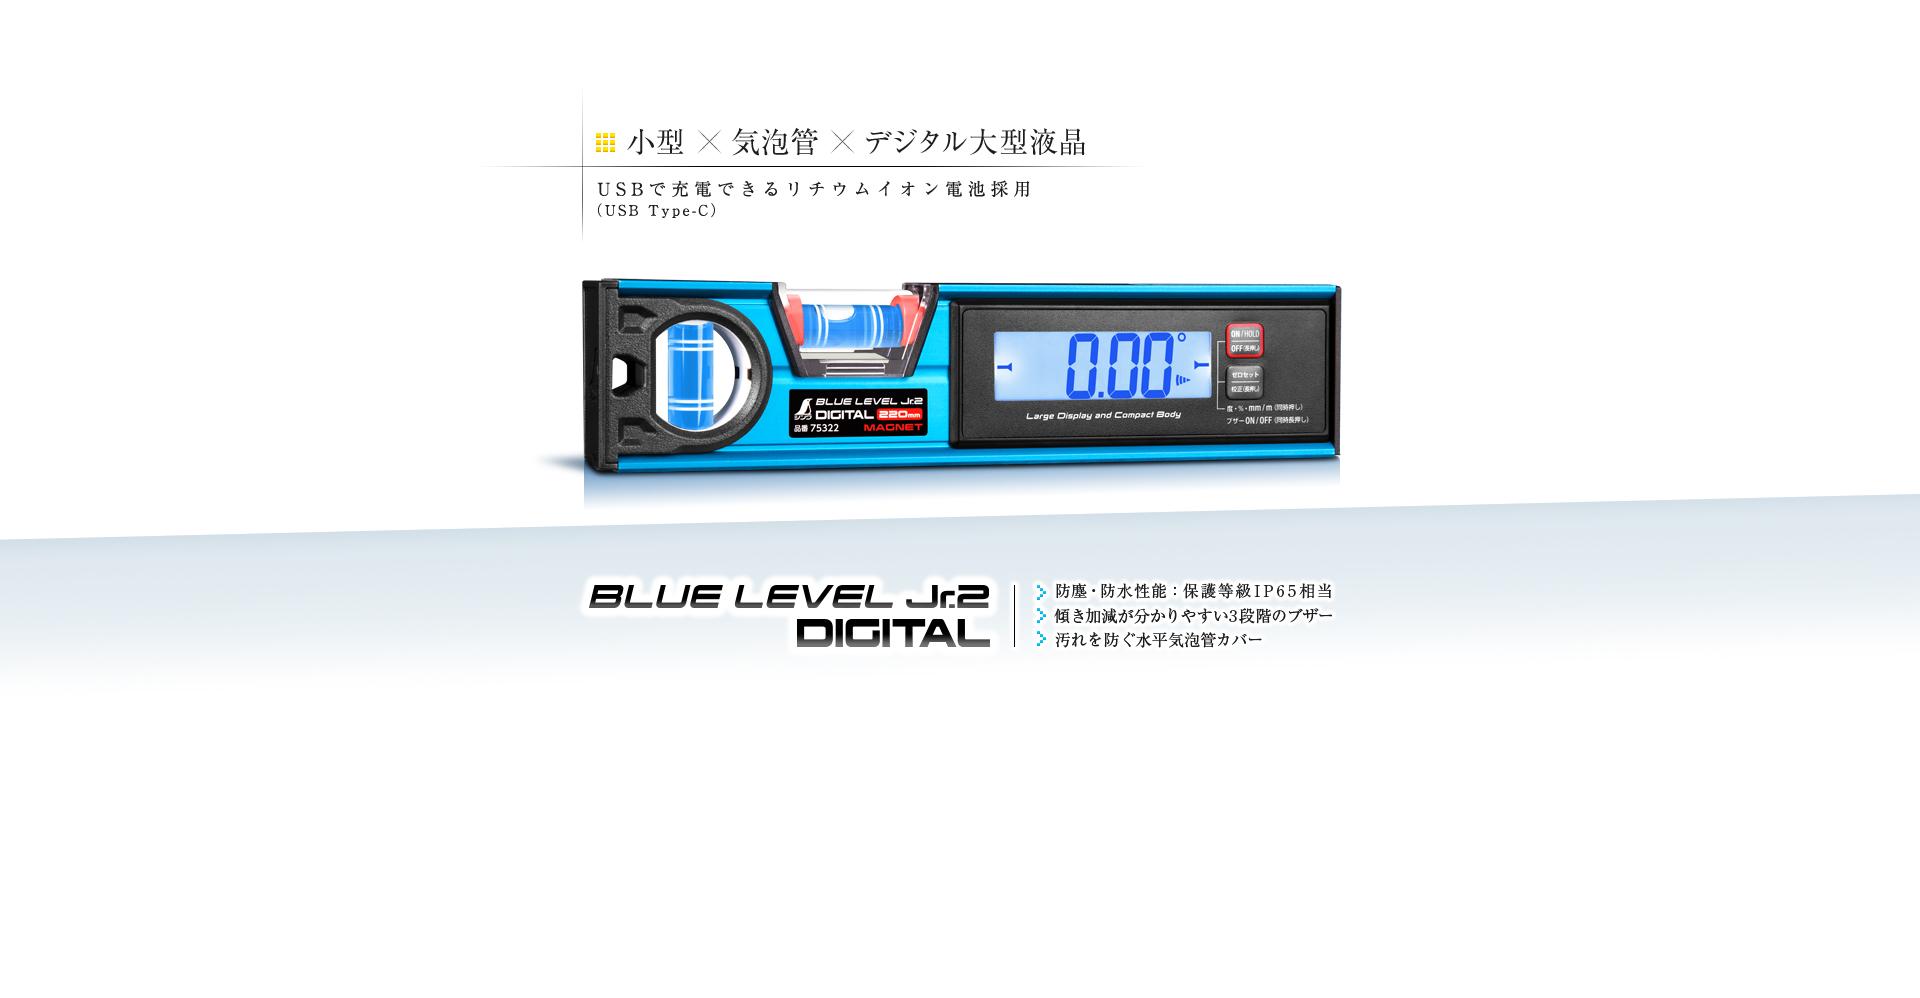 ブルーレベルJr2デジタル